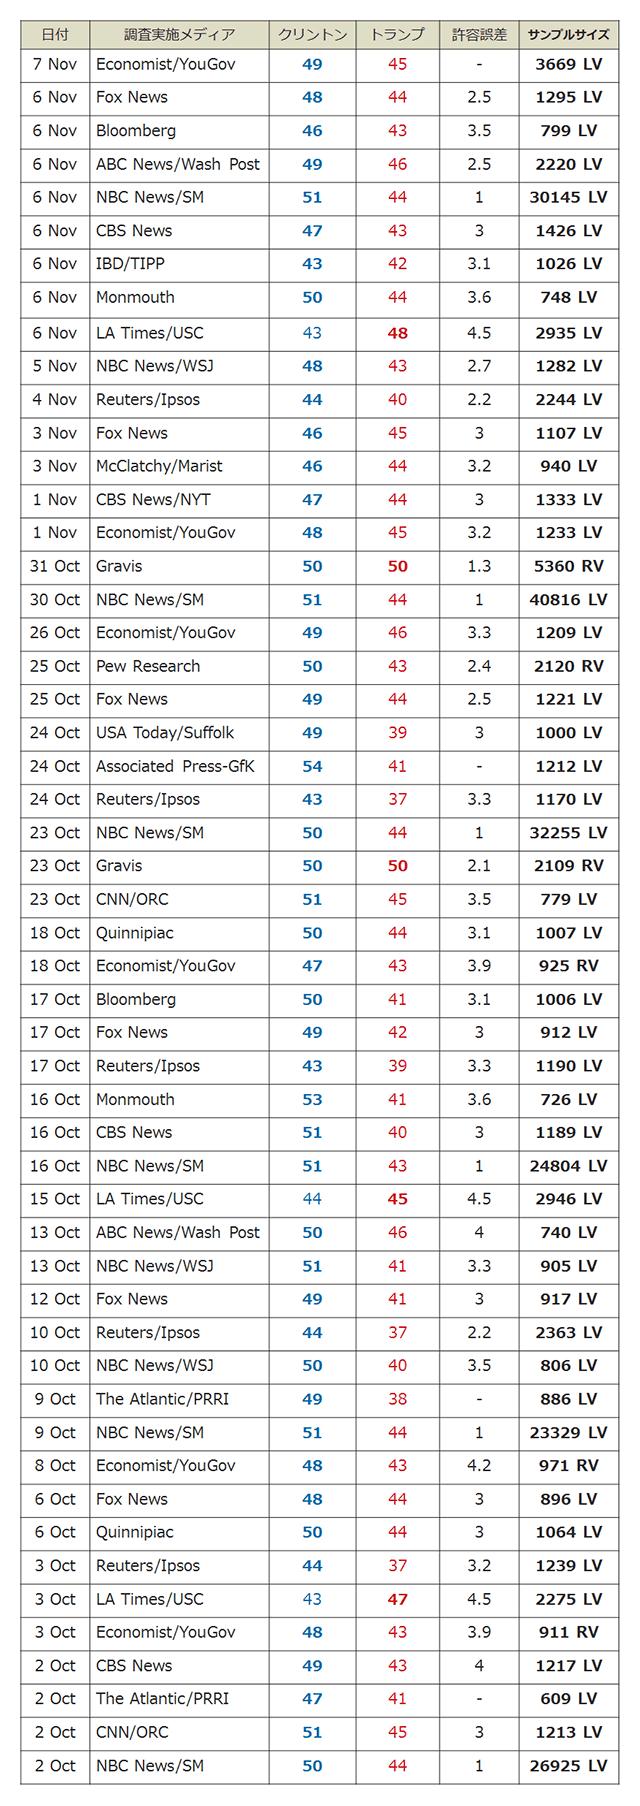 各社の得票率予測とサンプルサイズの一覧画像